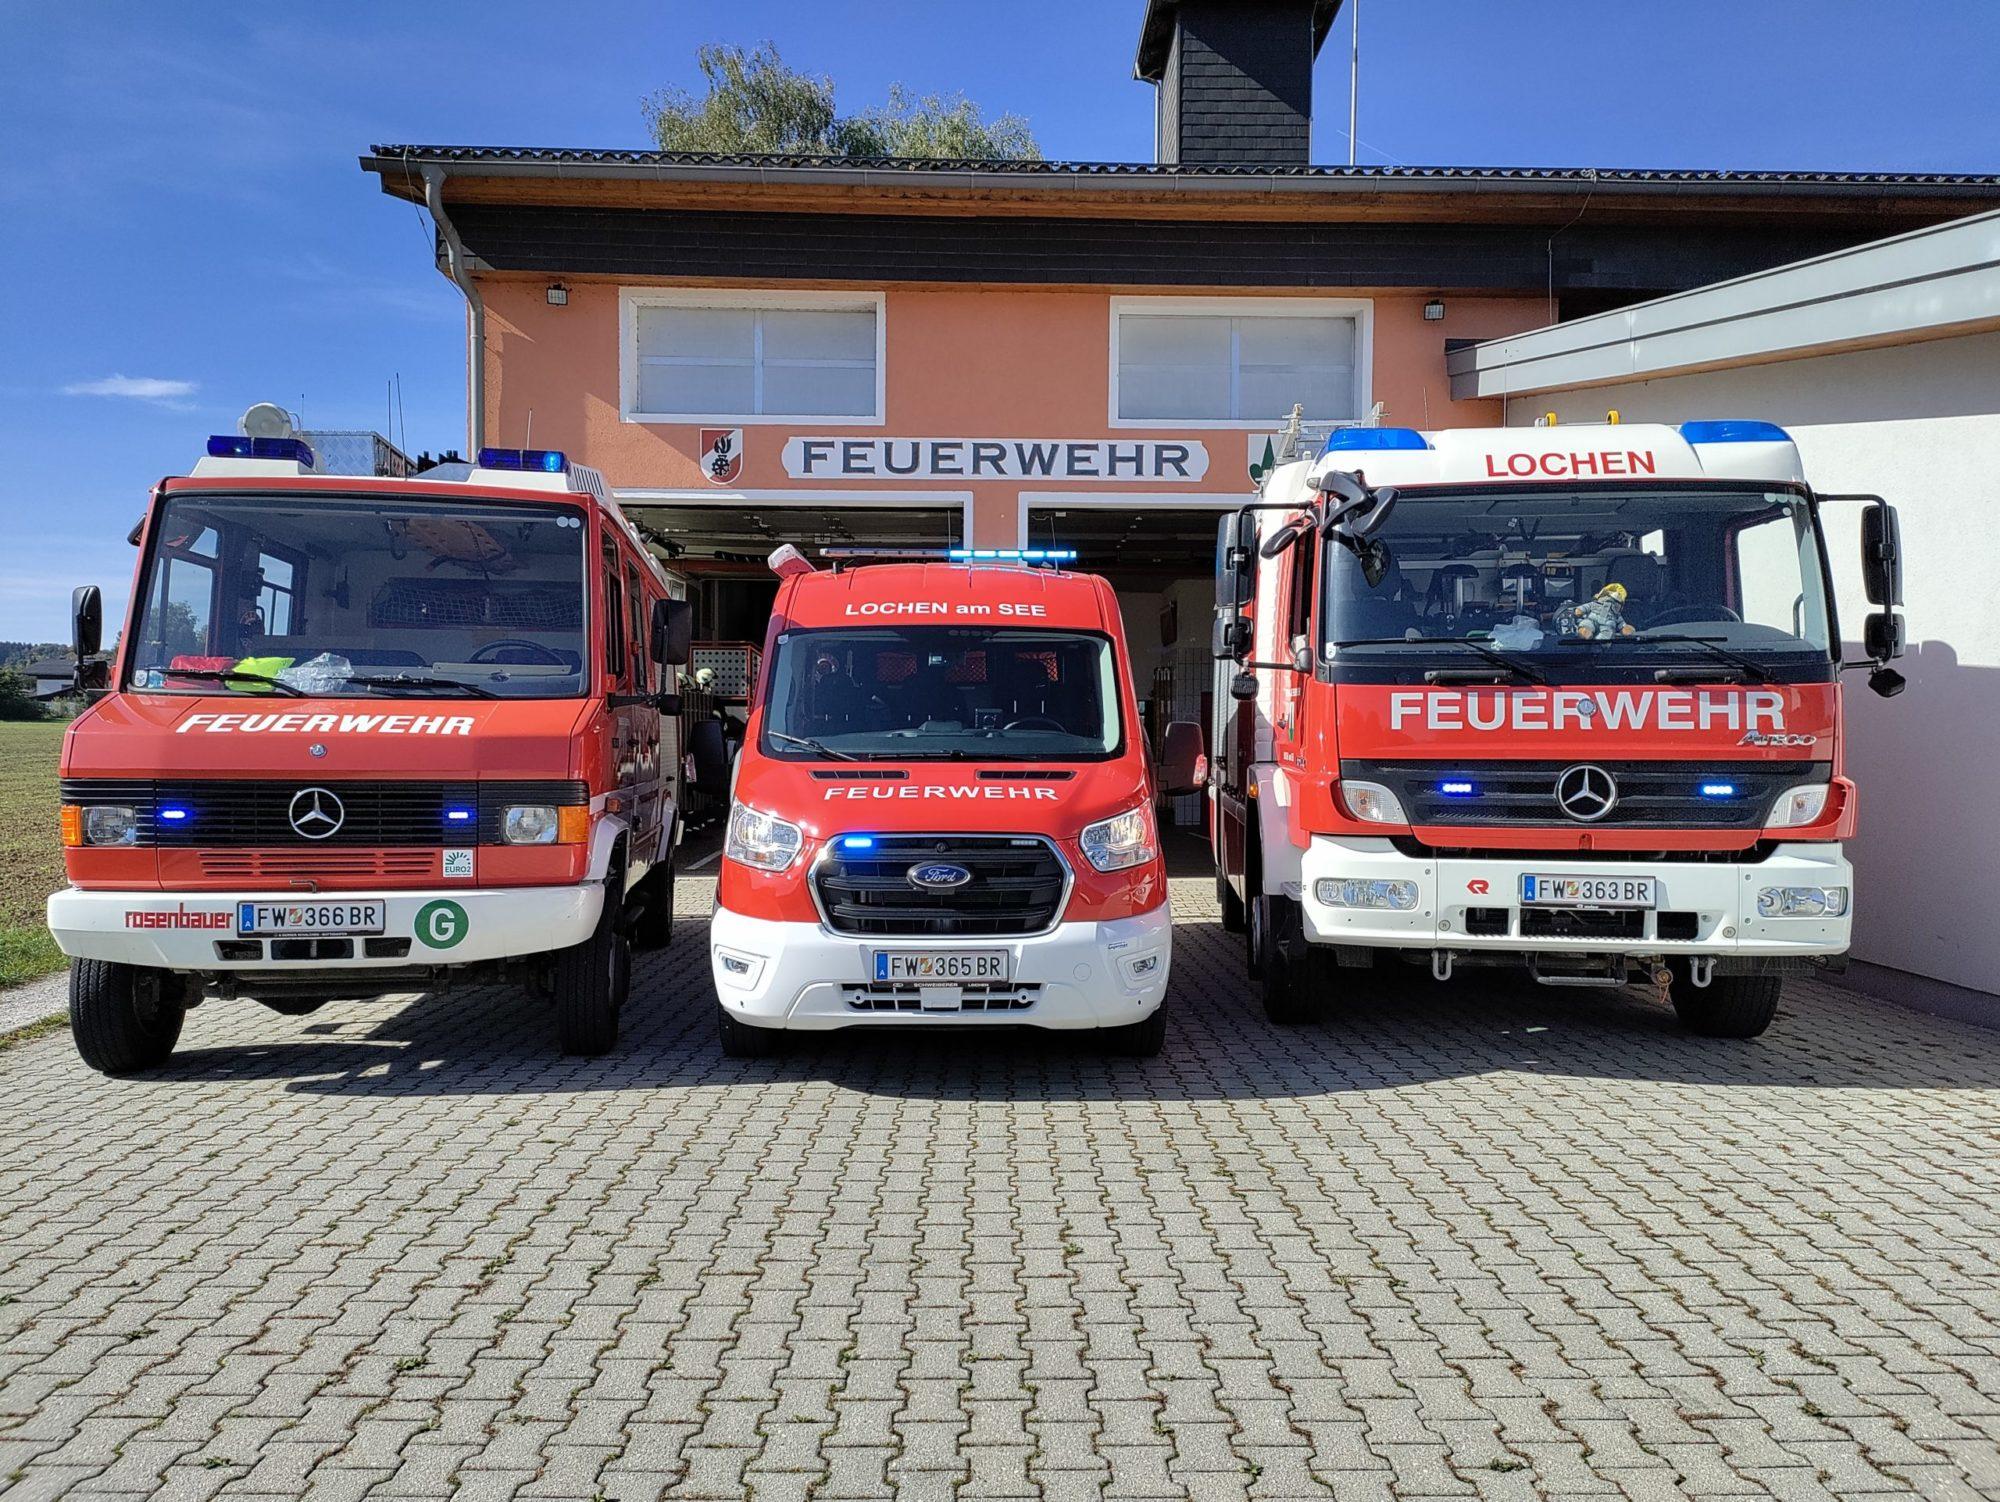 Freiwillige Feuerwehr Lochen